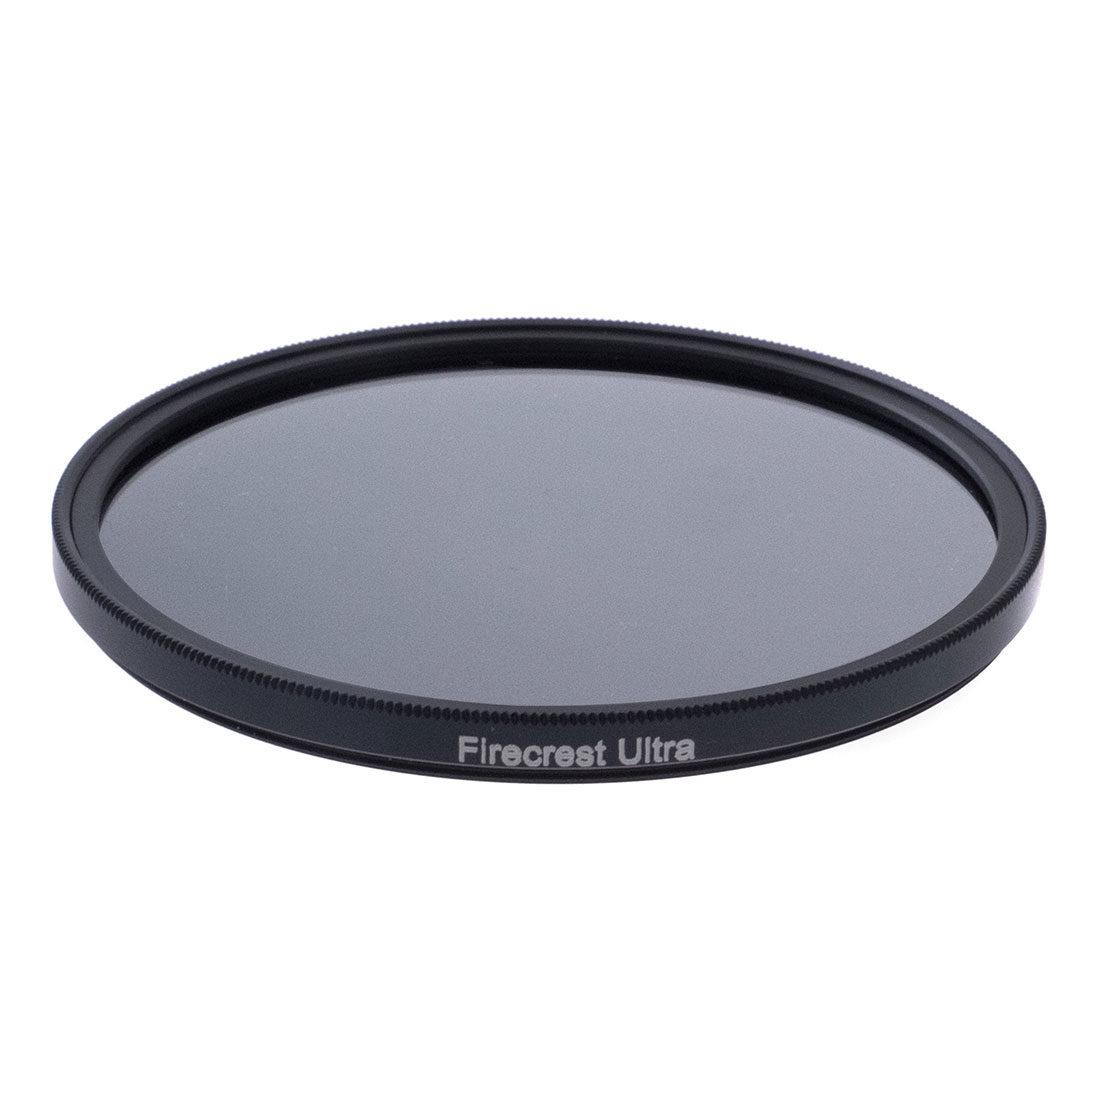 Formatt Hitech Firecrest ND 58mm 1.2 (4 stops) filter